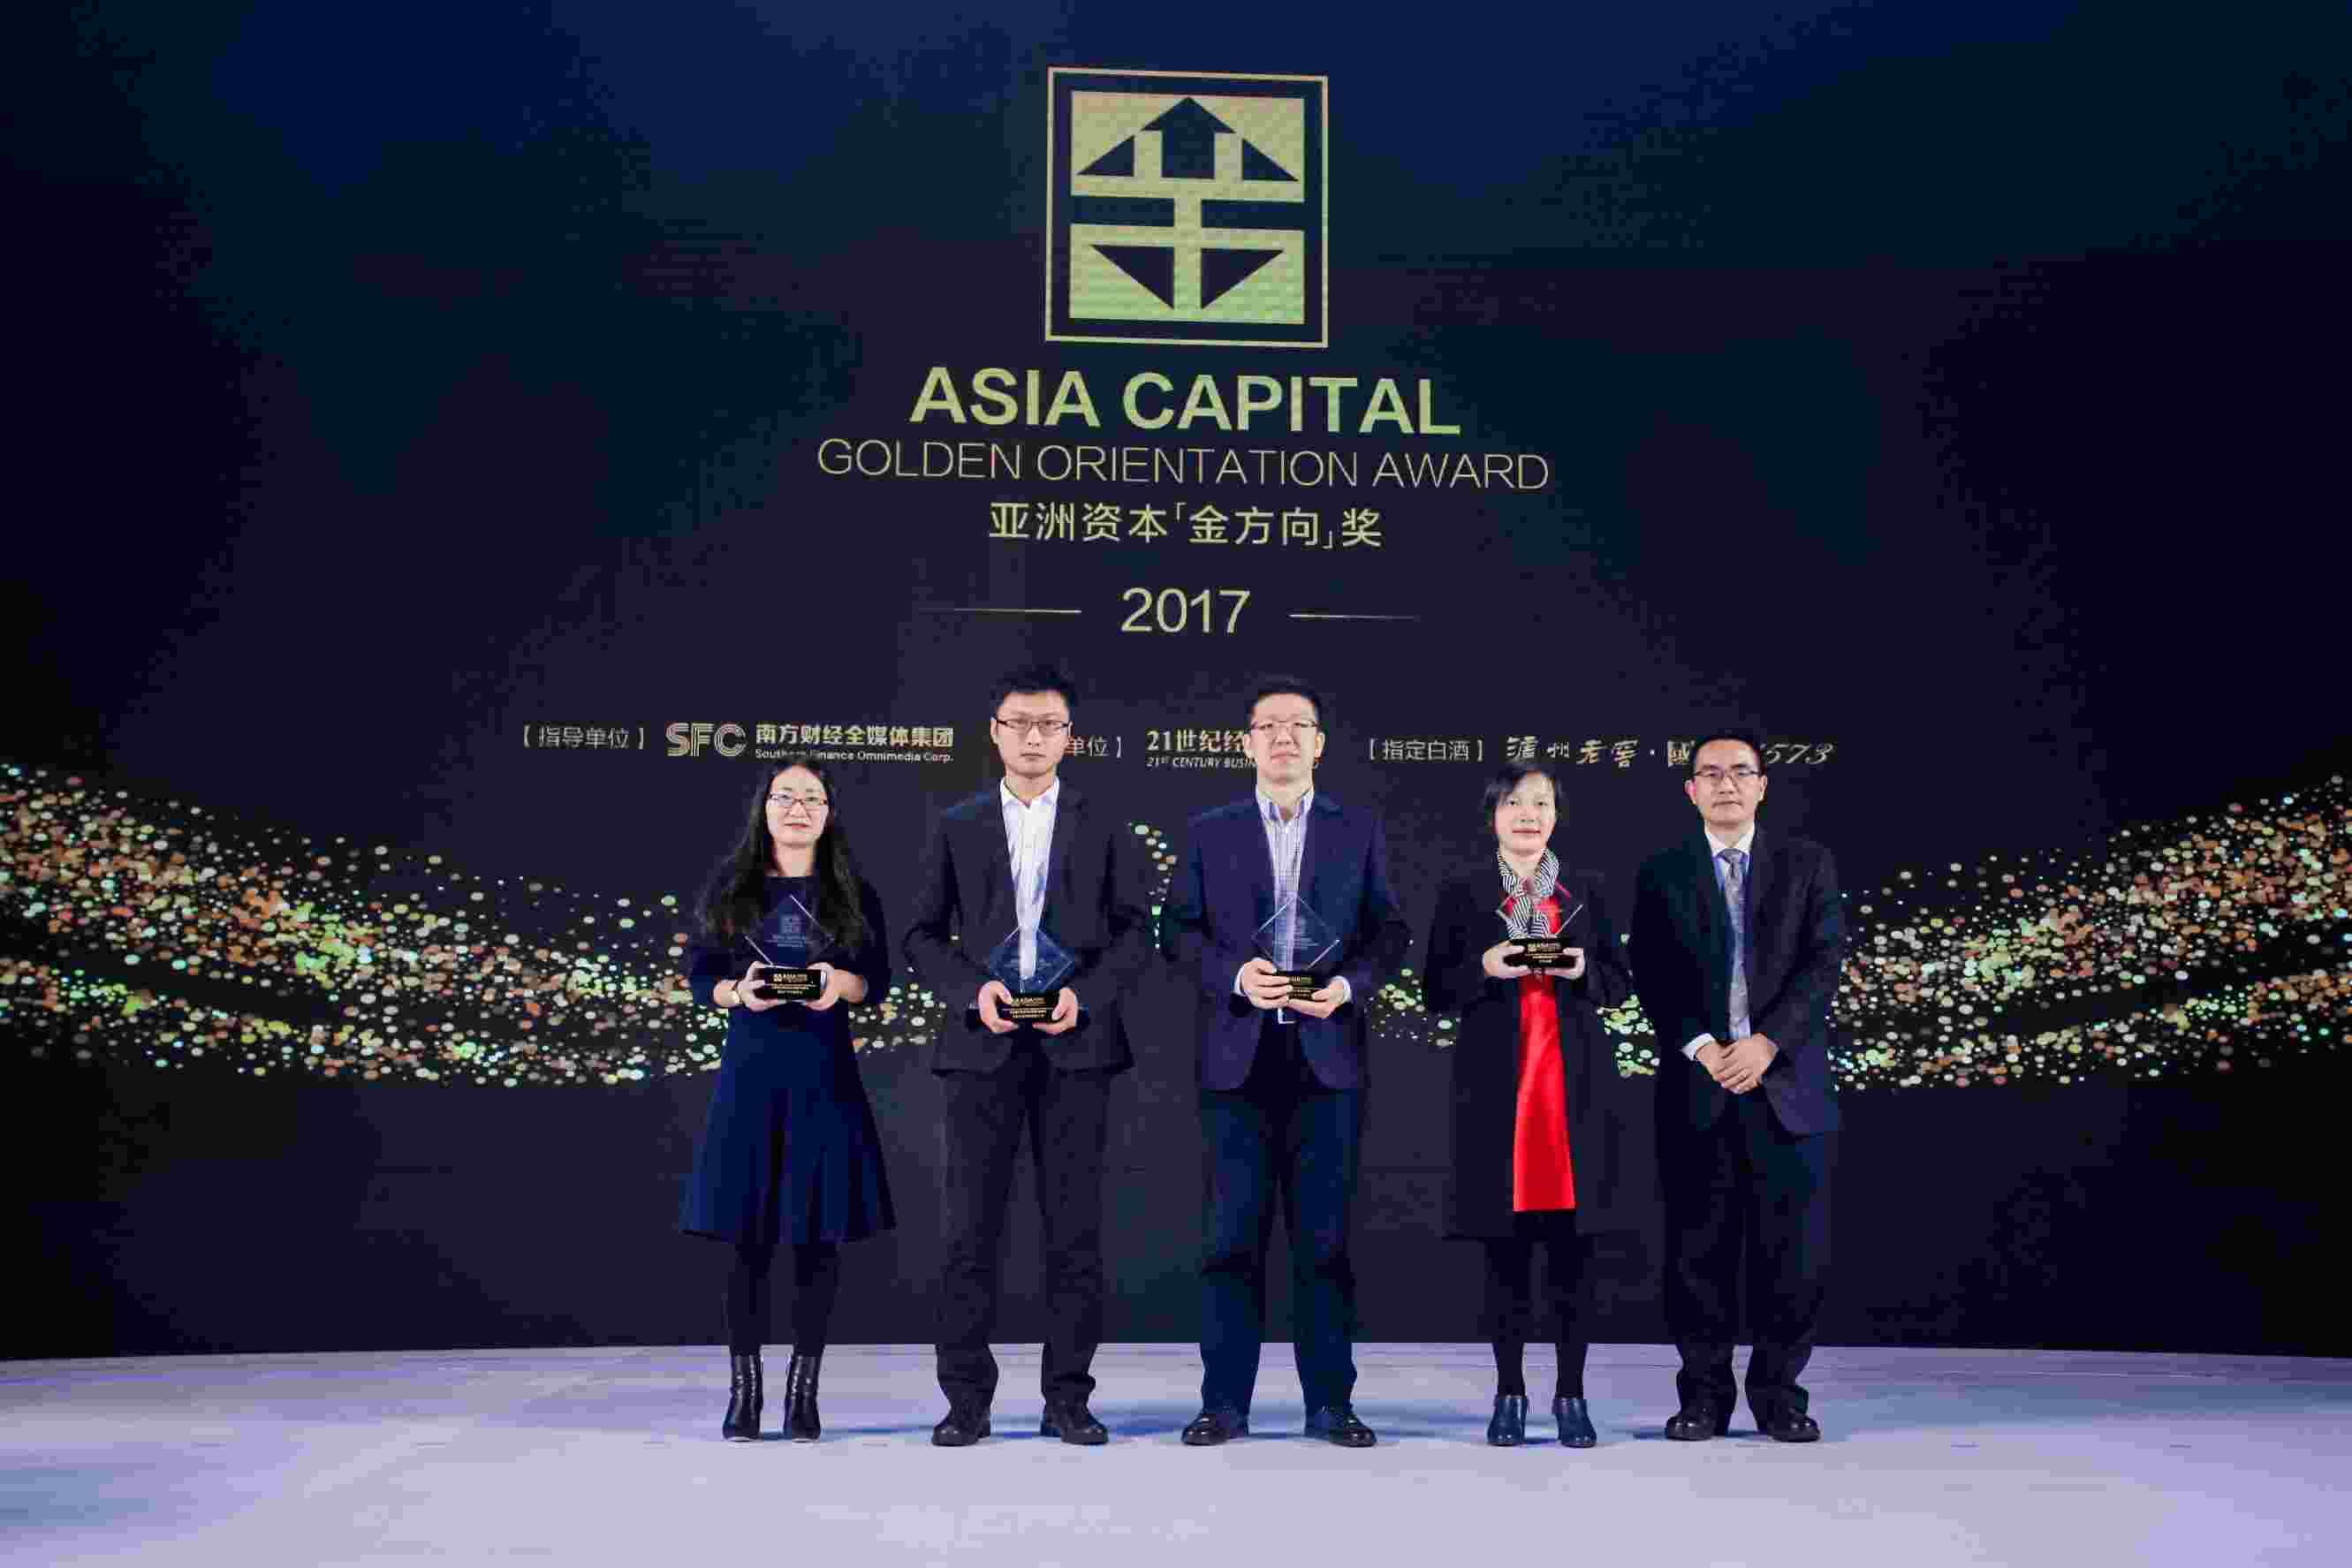 2017亚洲资本「金方向」评选榜单盛大揭晓